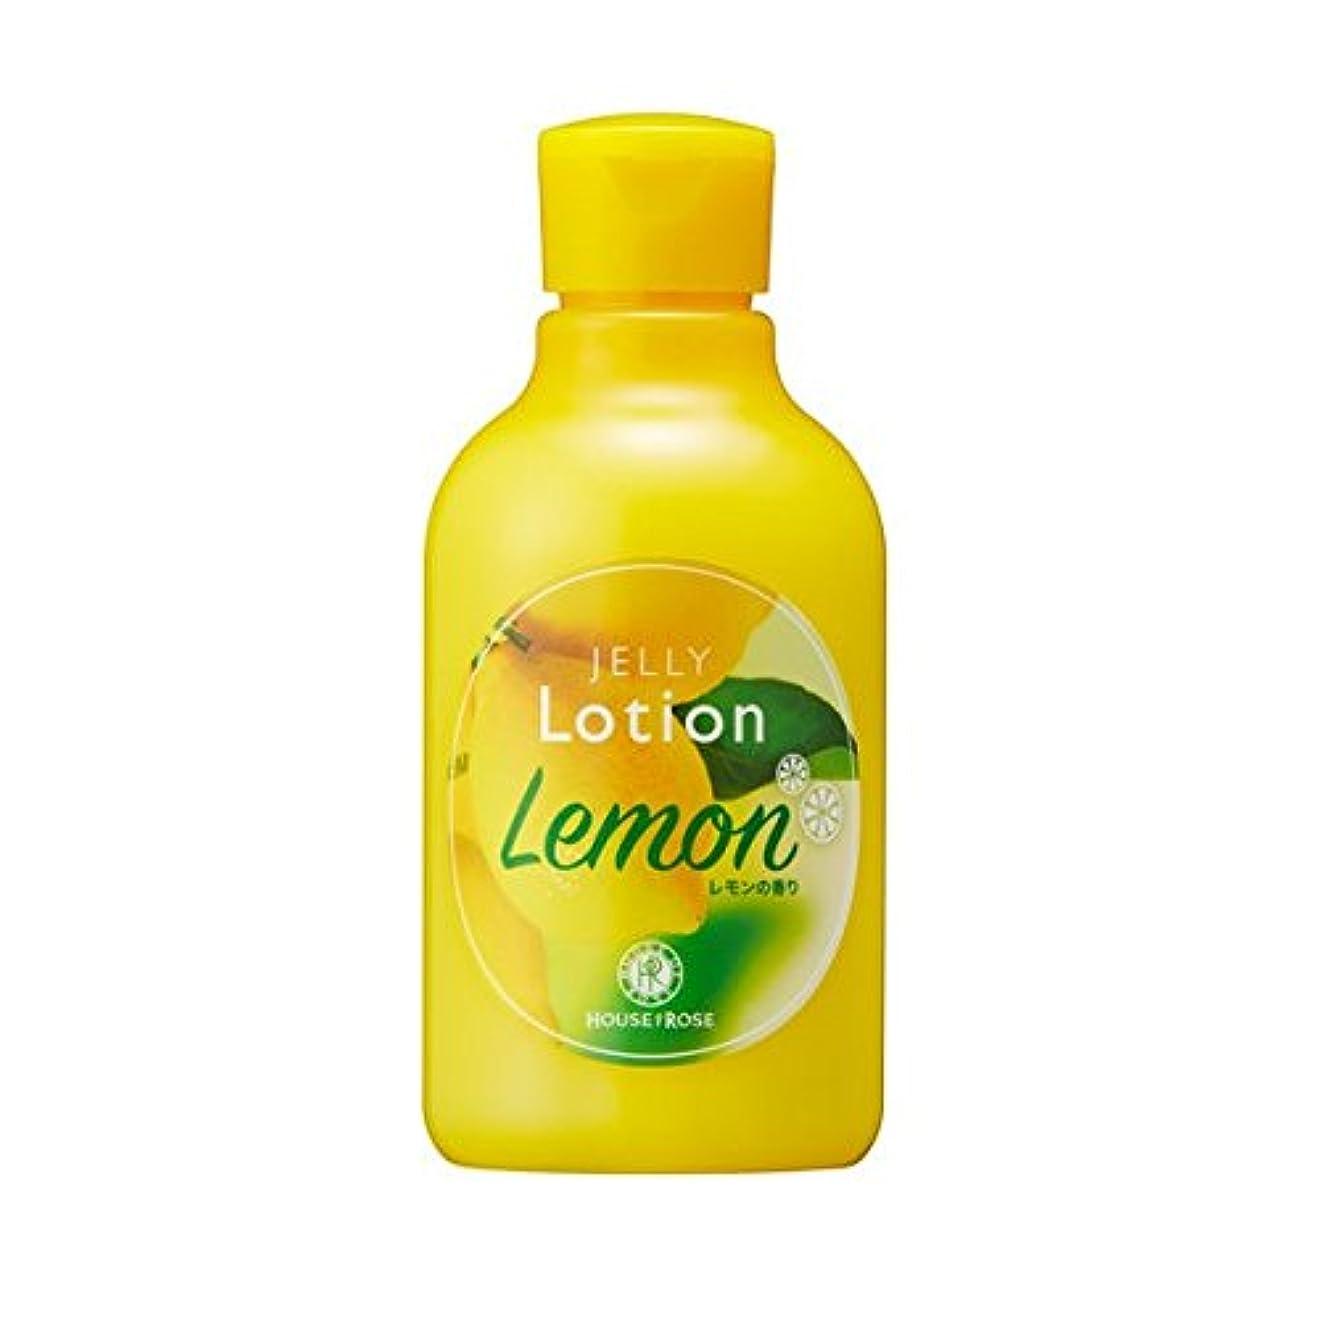 靄卑しい濃度HOUSE OF ROSE(ハウスオブローゼ) ハウスオブローゼ/ジェリーローション LM(レモンの香り)200mL